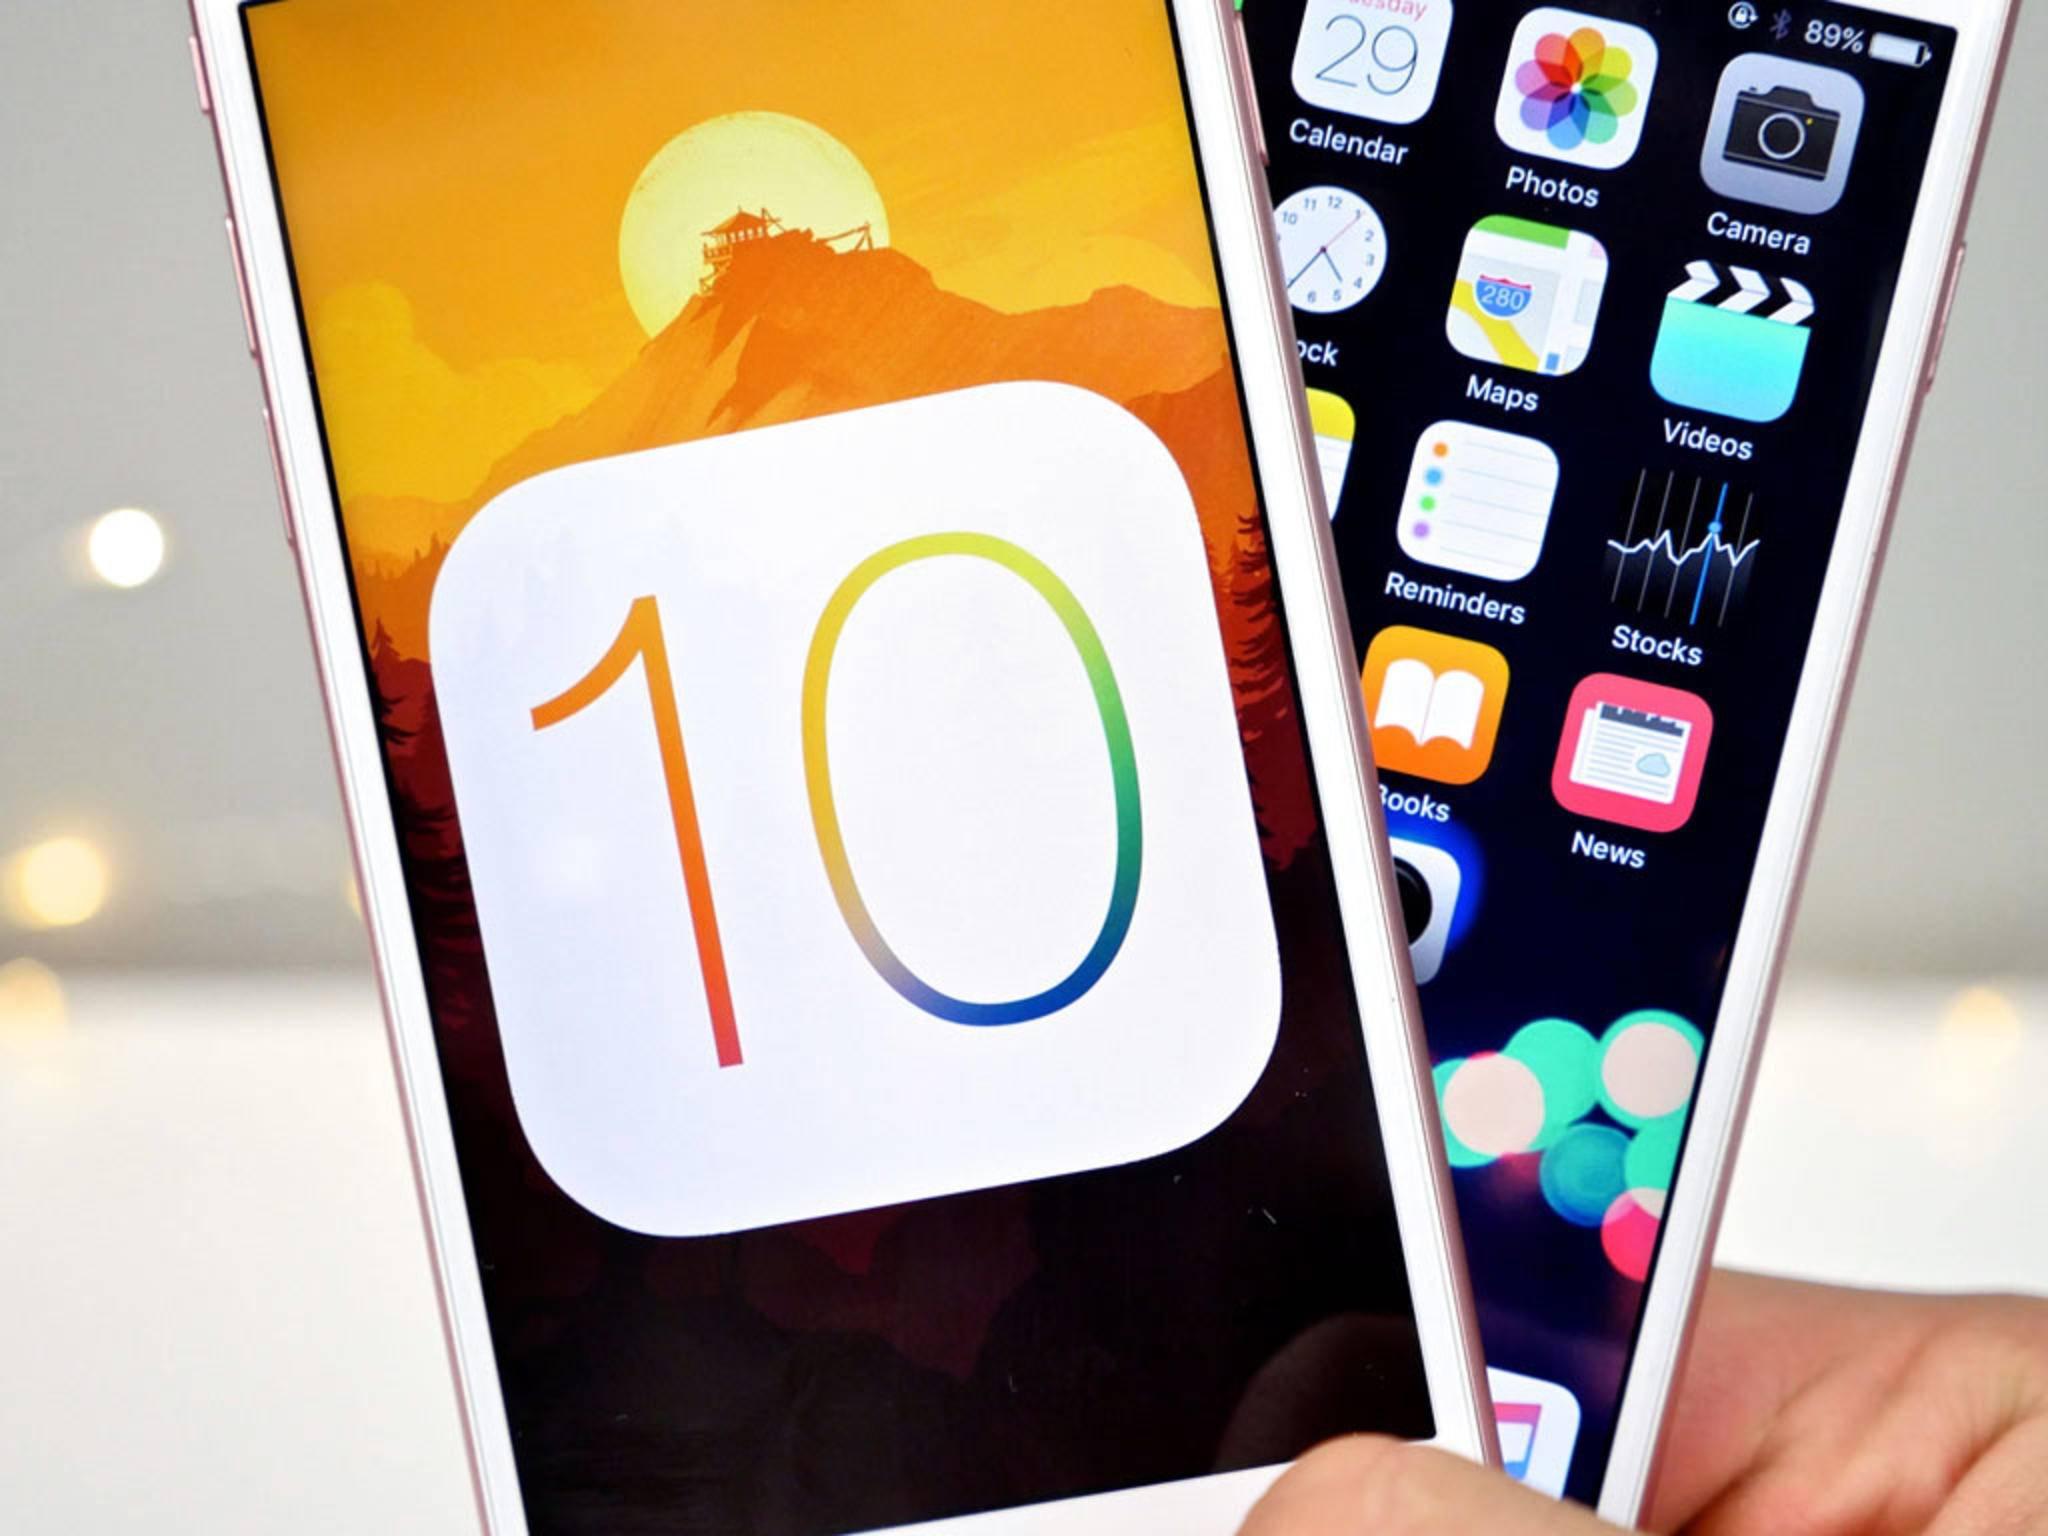 Mit iOS 10.0.2 gibt es einen ersten Patch für iOS 10.